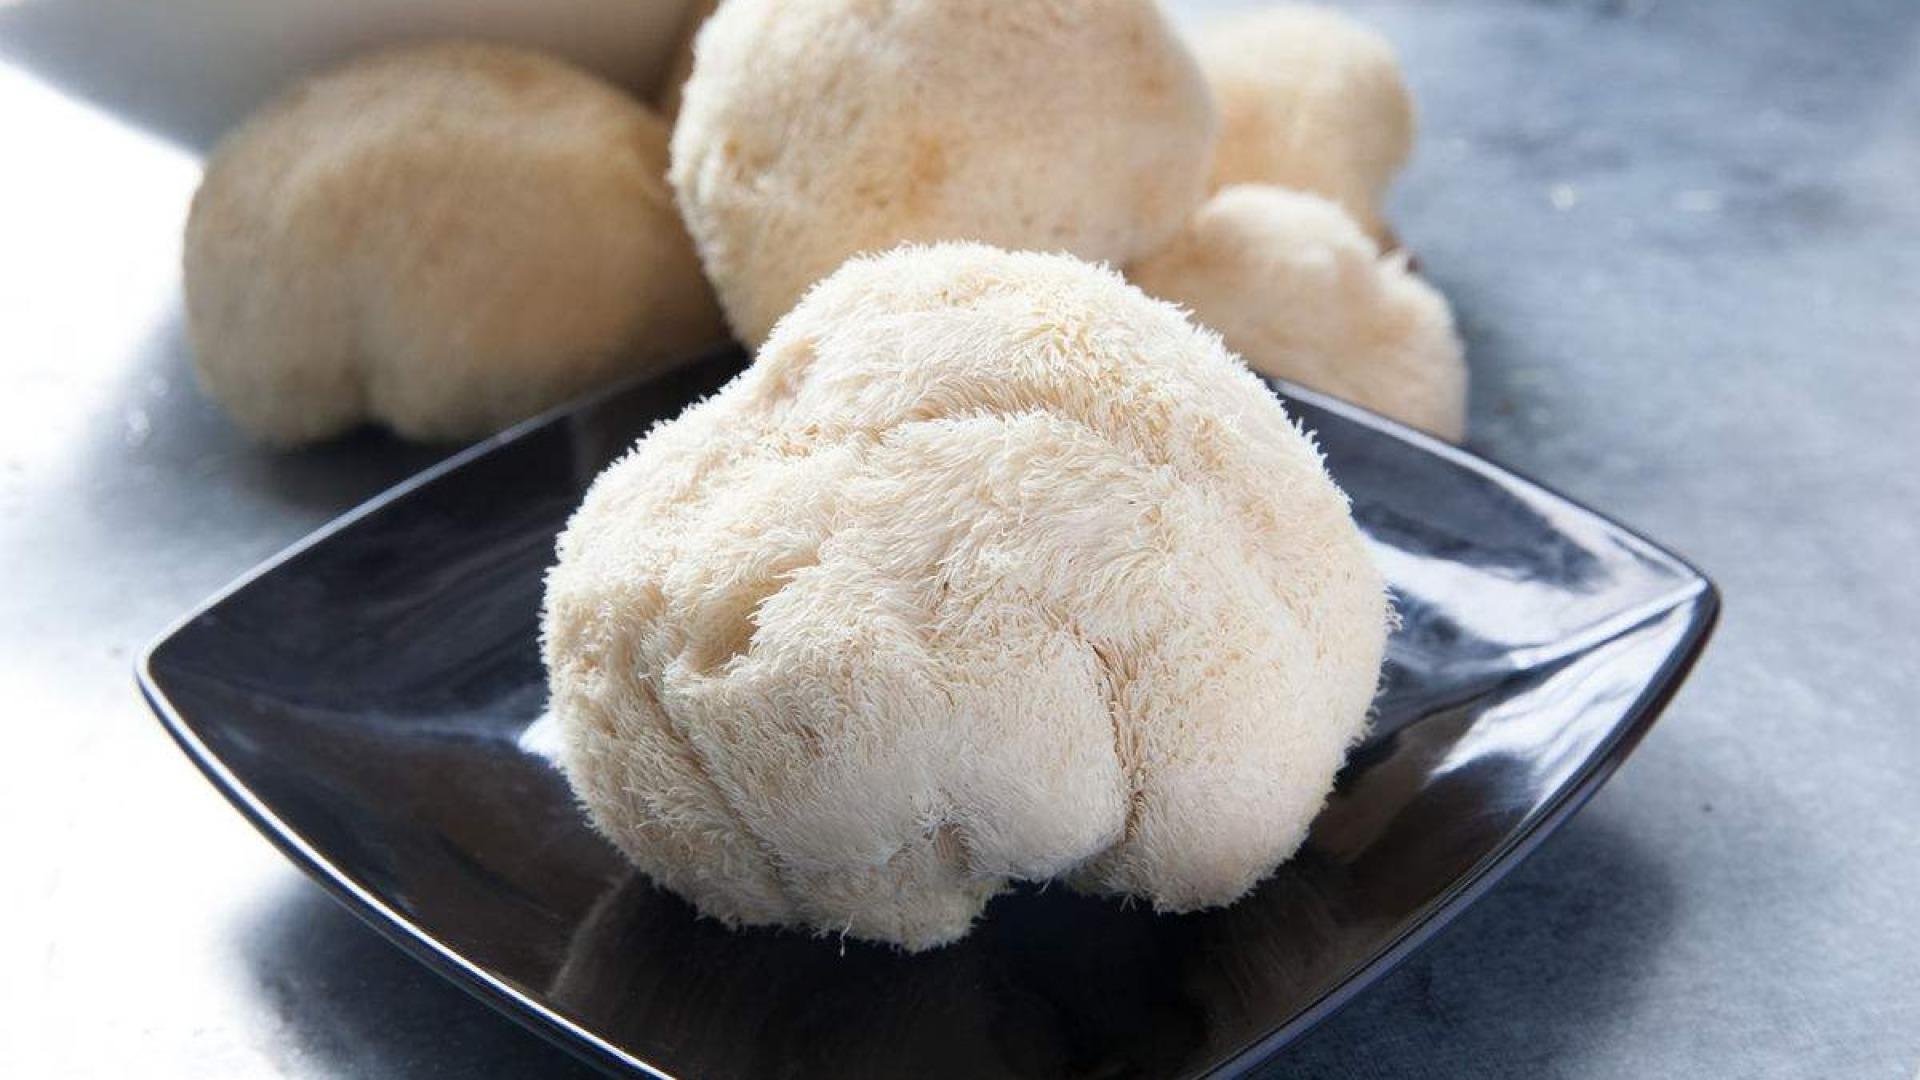 猴头菇怎么做才最好吃?教你一种营养美味的做法,胃不好的快收藏